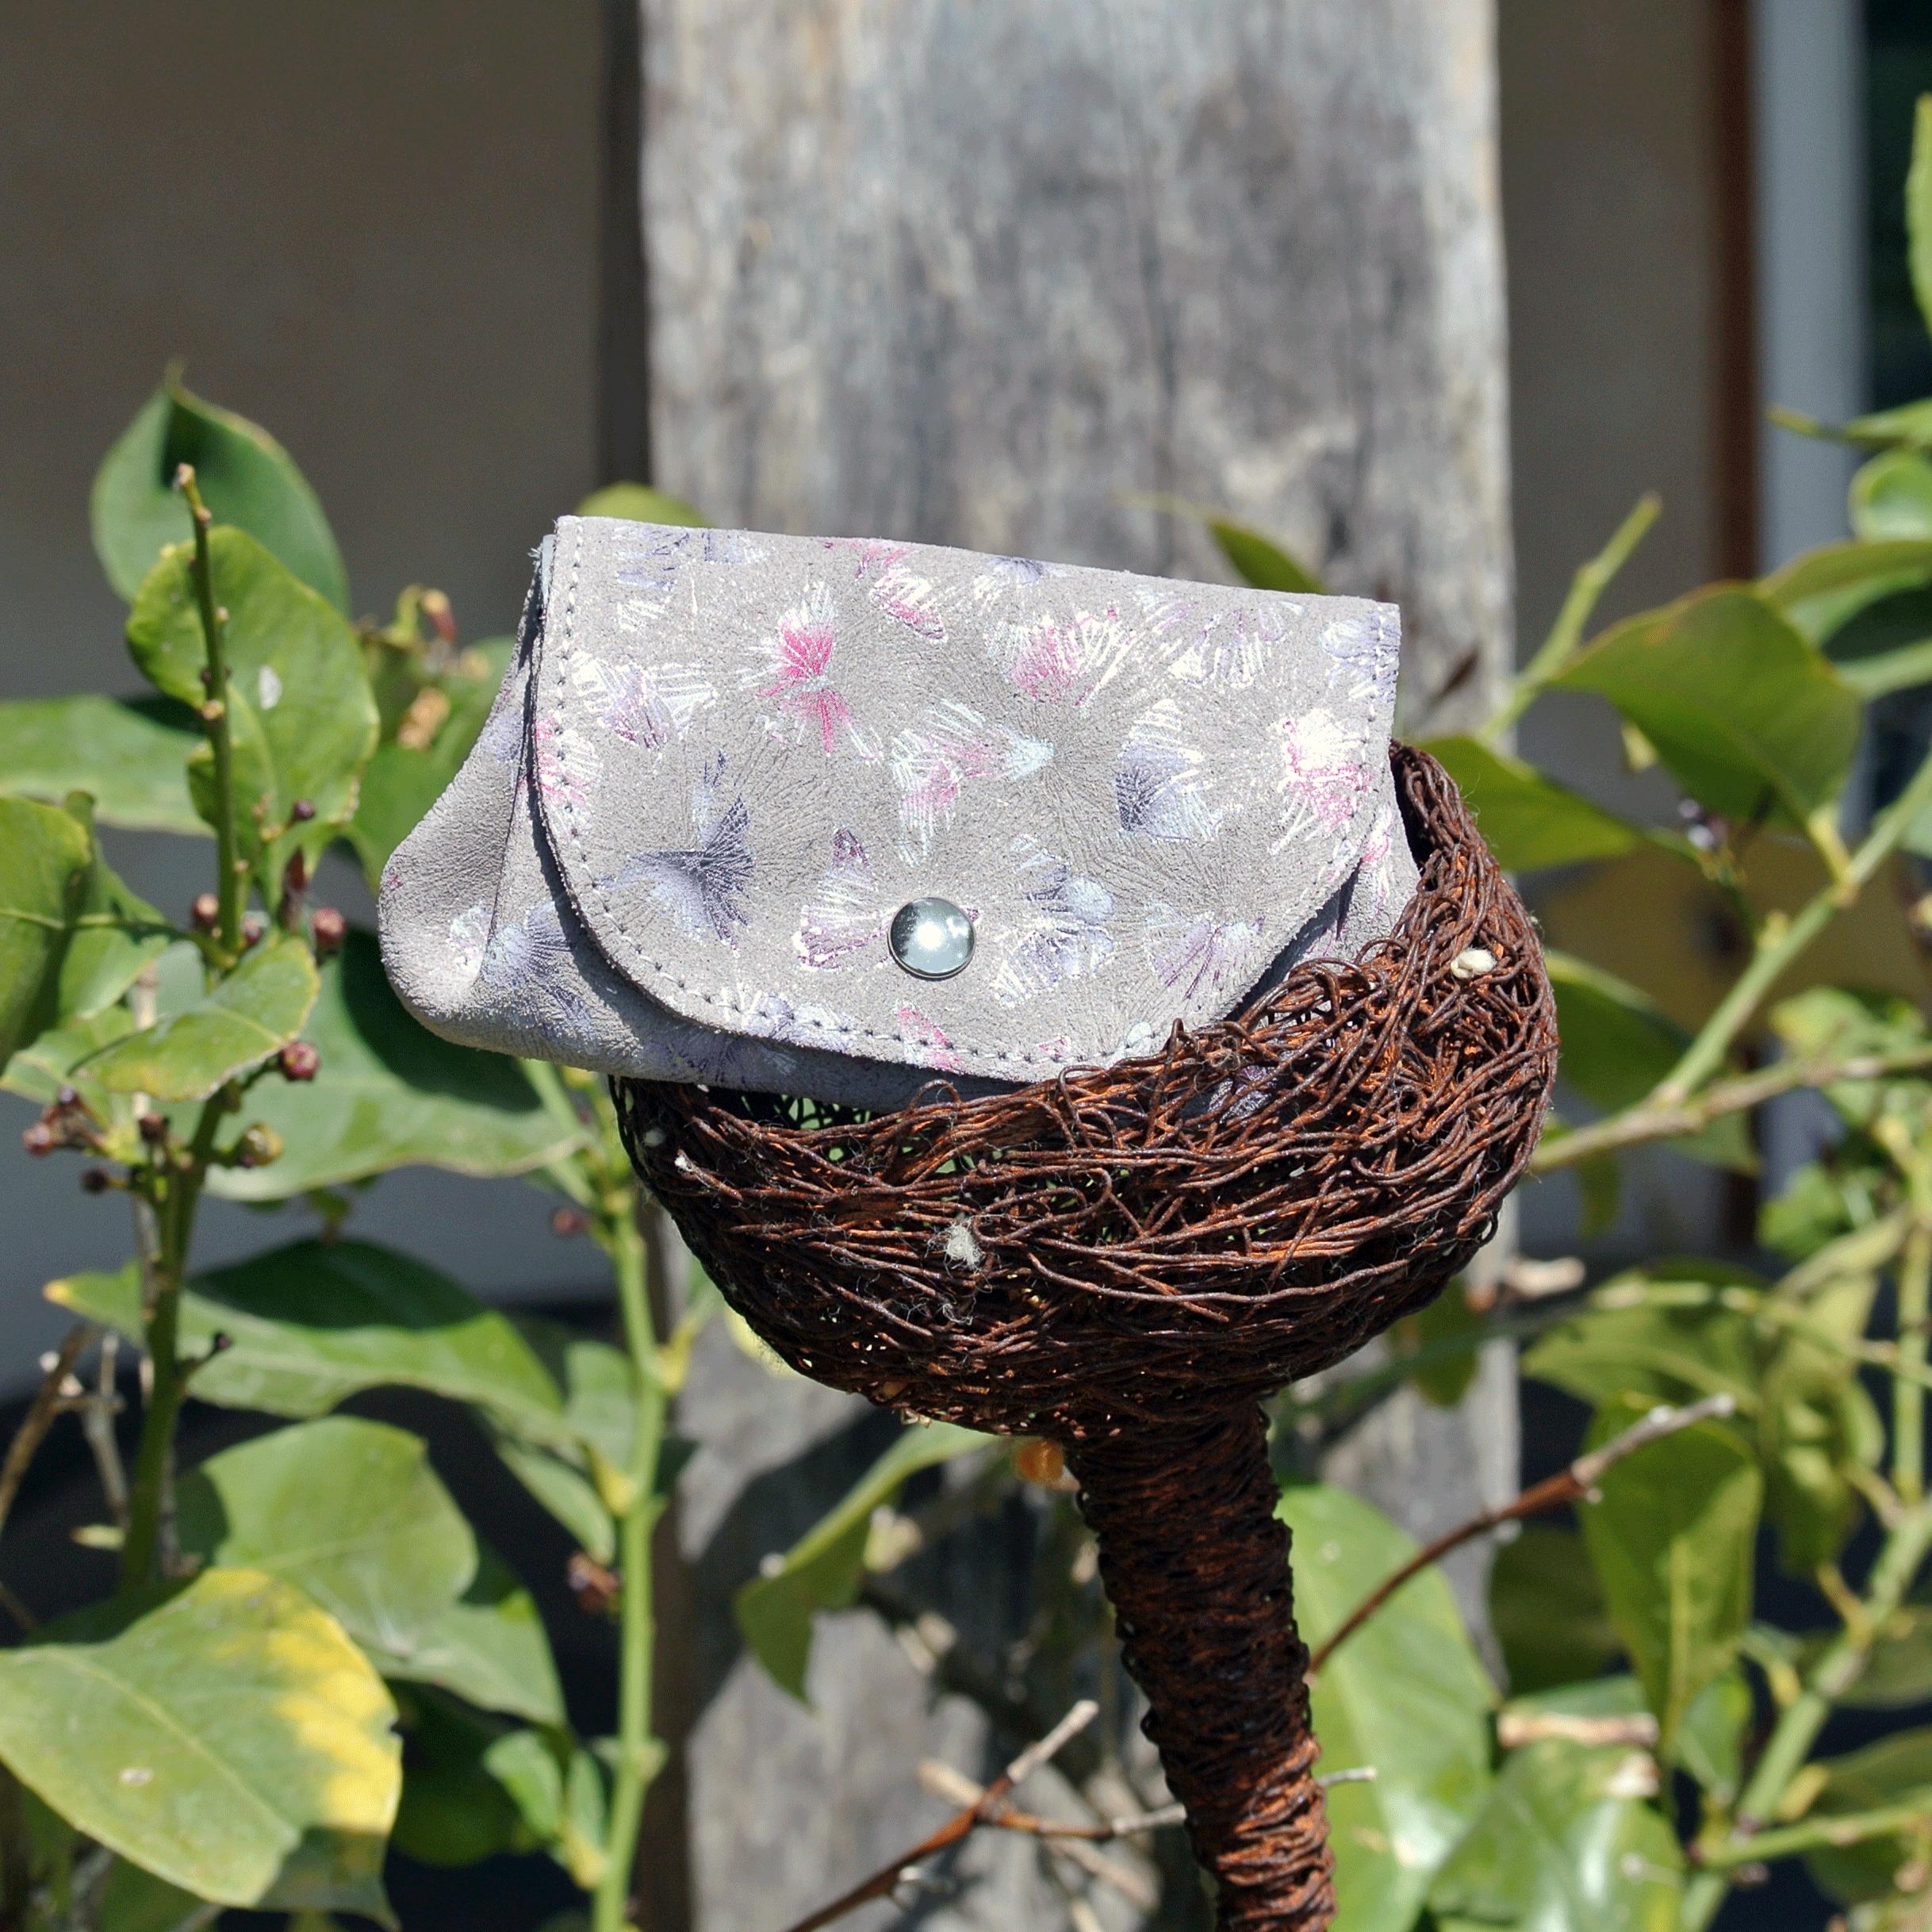 cuirs-fantaisie-la-cartabliere-fabrique-en-france-porte-monnaie-accordeon-en-cuir-floralie-gris-tourterelle